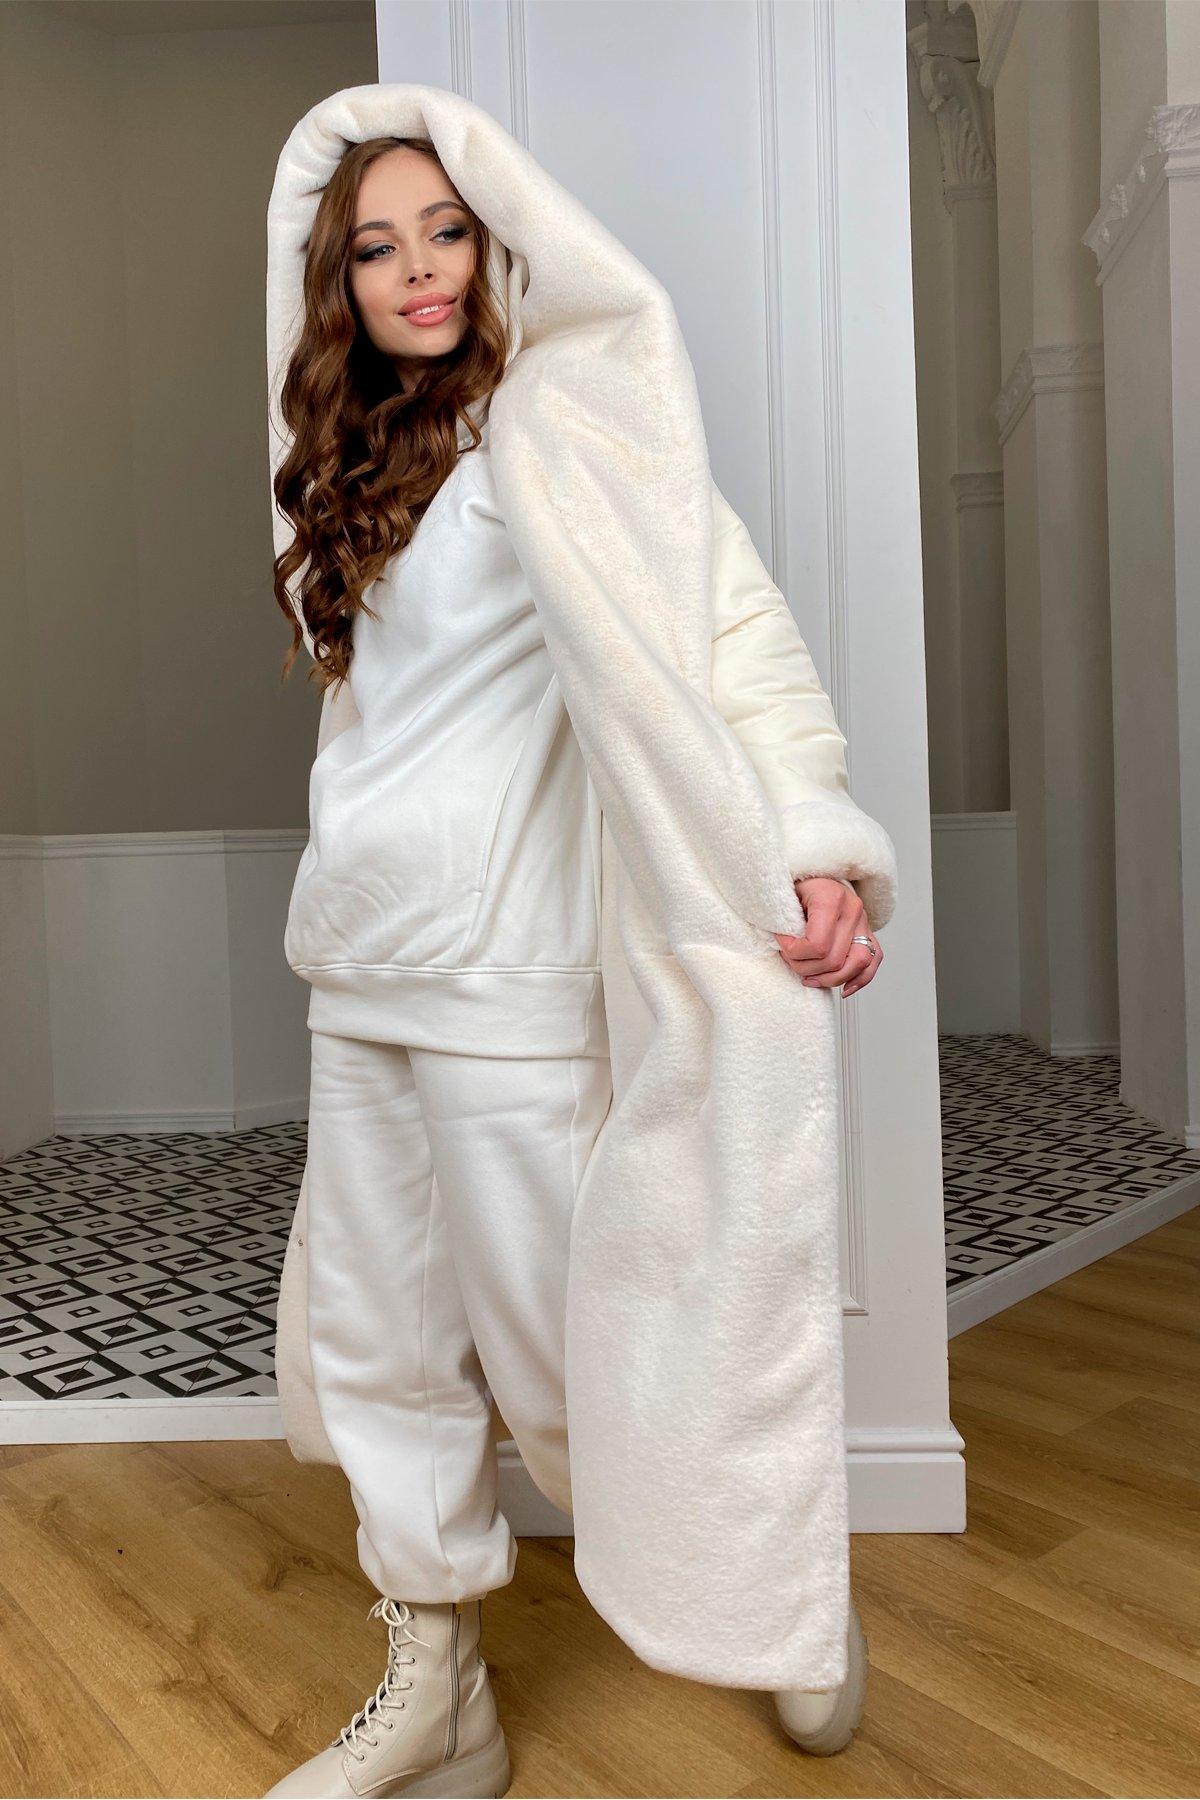 Сноу  теплое двухстороннее пальто из  еко меха и плотной  плащевки 9956 АРТ. 46669 Цвет: Молоко/Молоко 6 - фото 4, интернет магазин tm-modus.ru